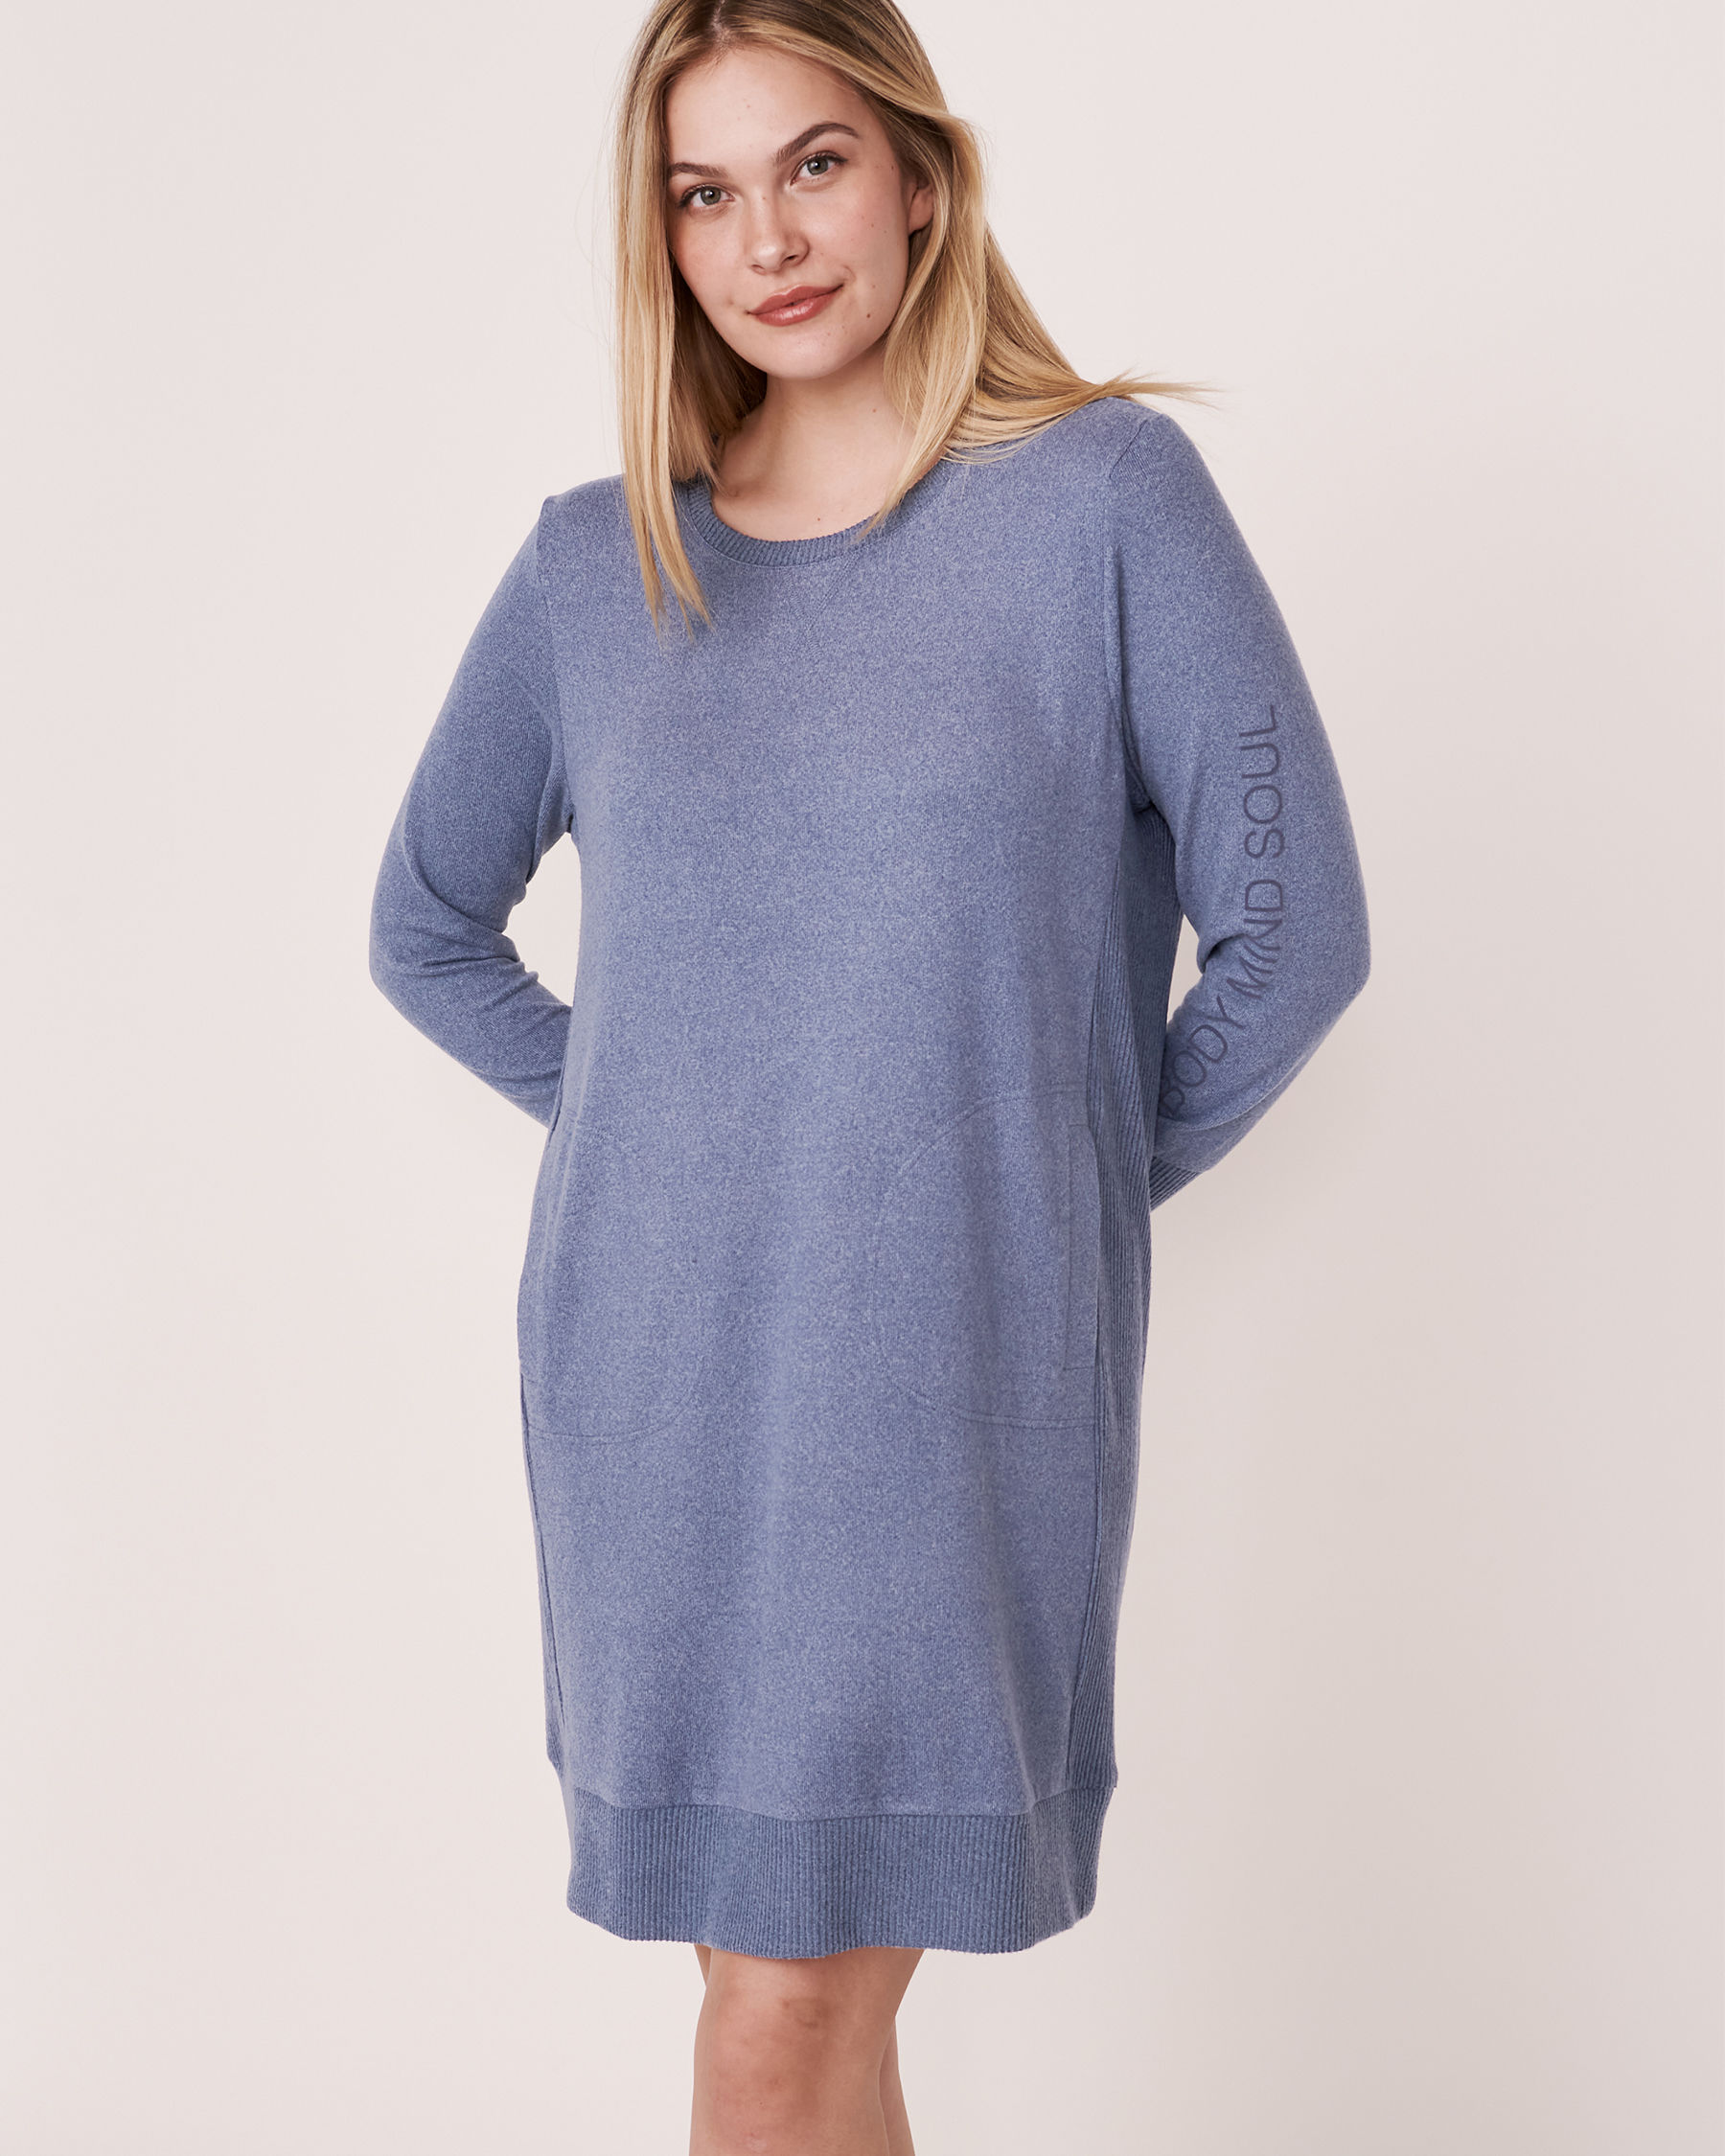 LA VIE EN ROSE Robe manches longues en tricot doux Mélange bleu jeans 50400006 - Voir1